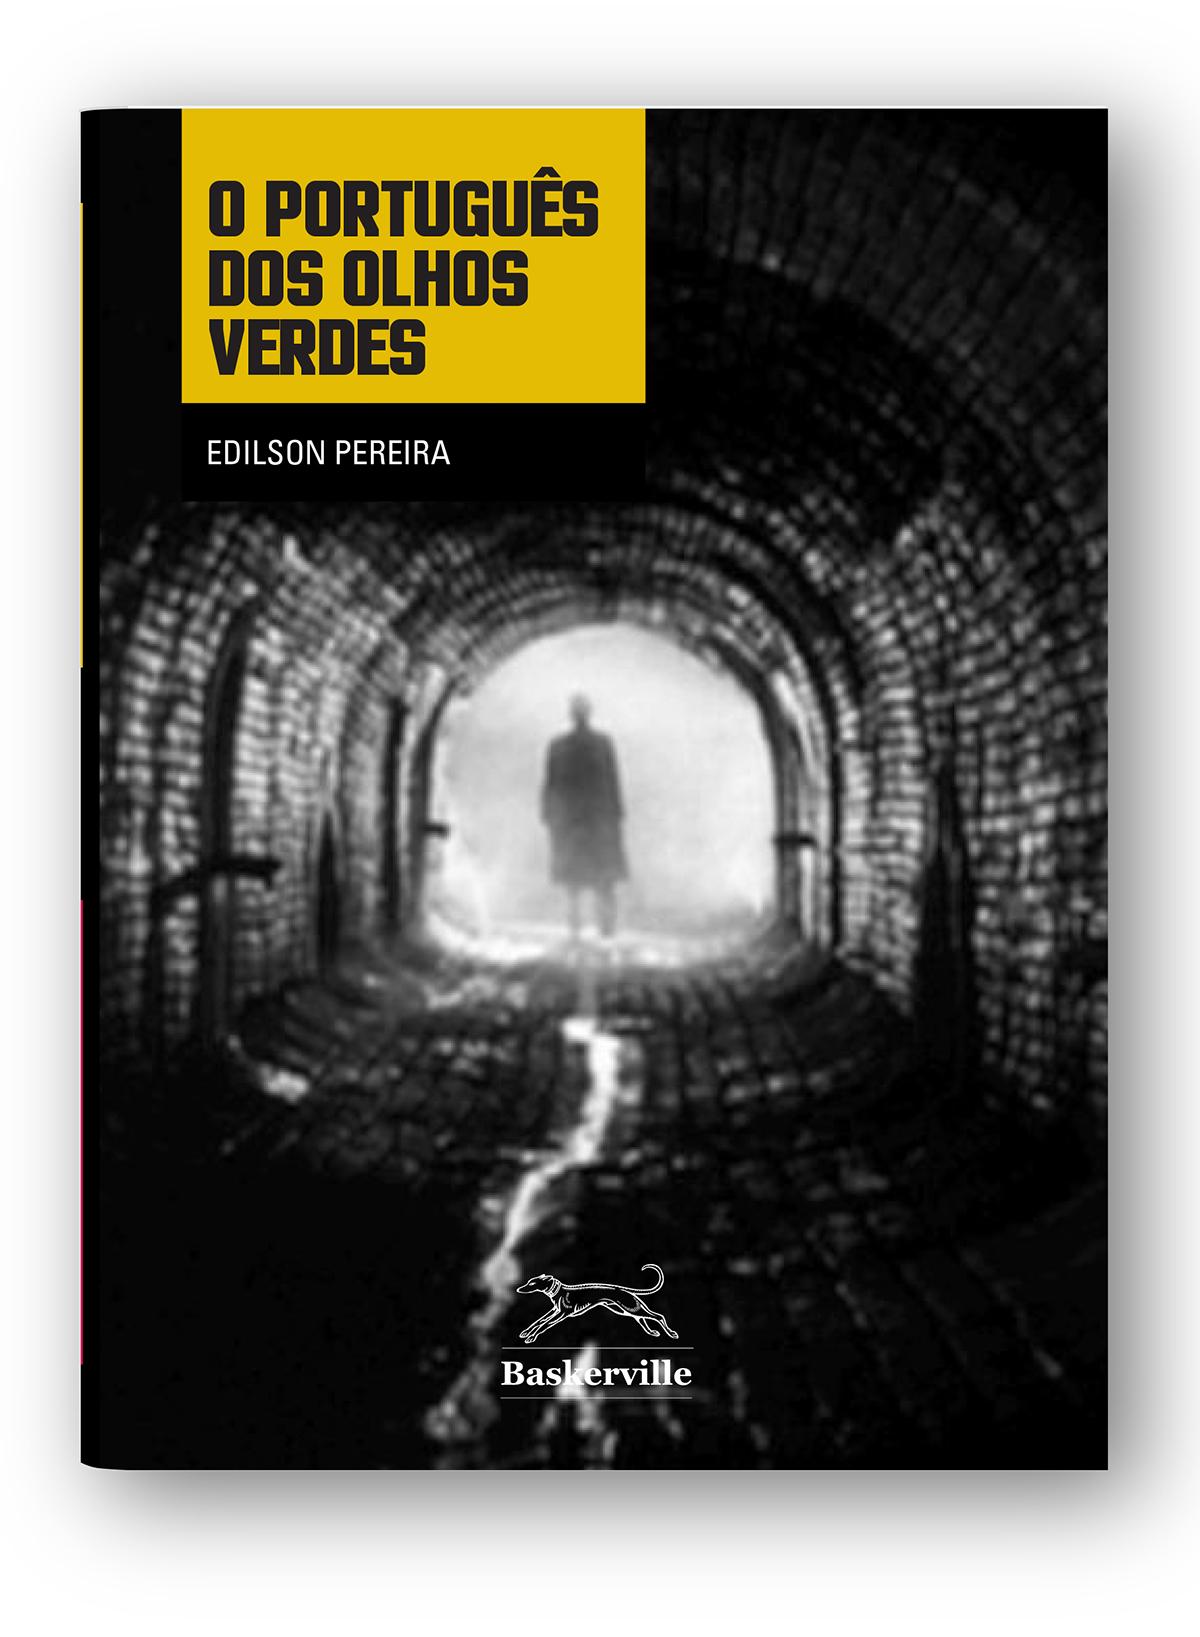 O_PORTUGUES_DOS_OLHOS_VERDES